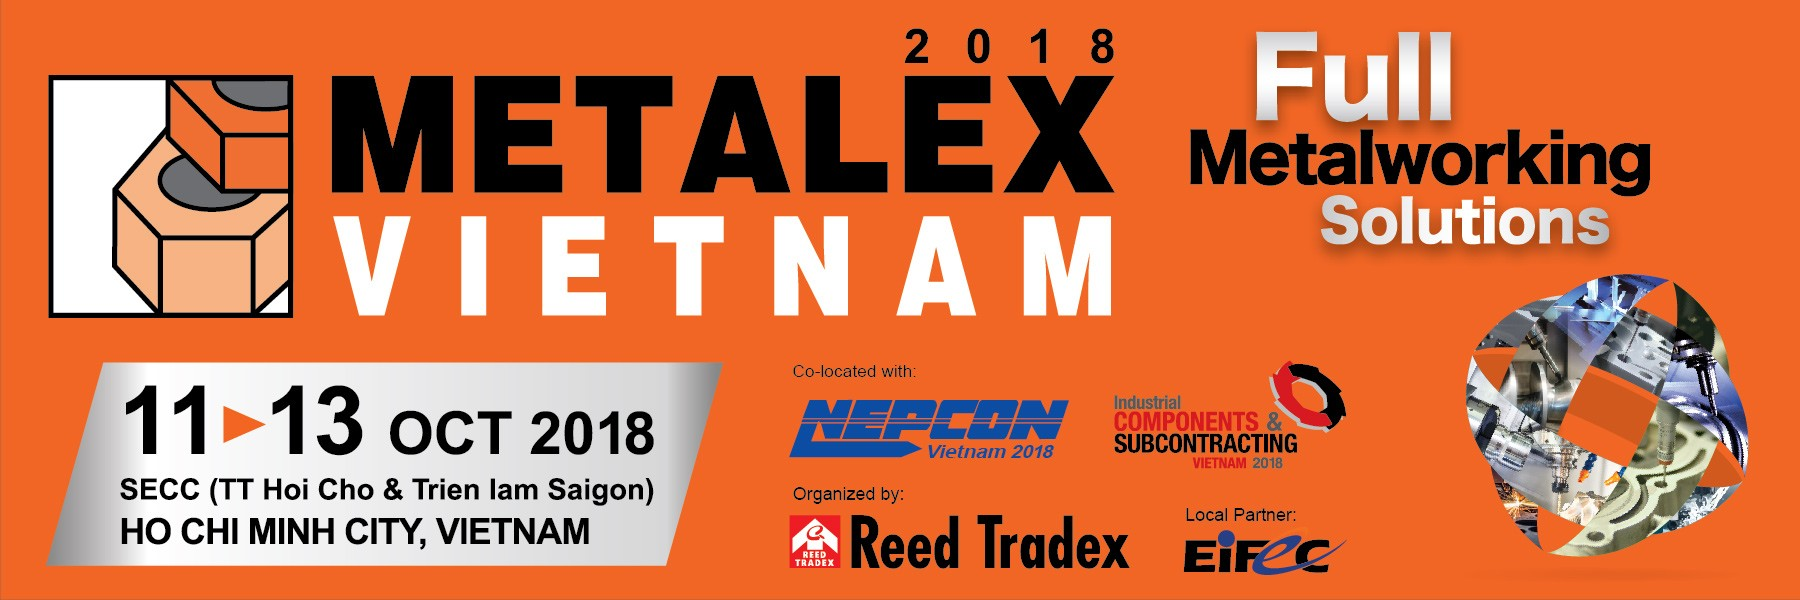 METALEX VIETNAM 2018